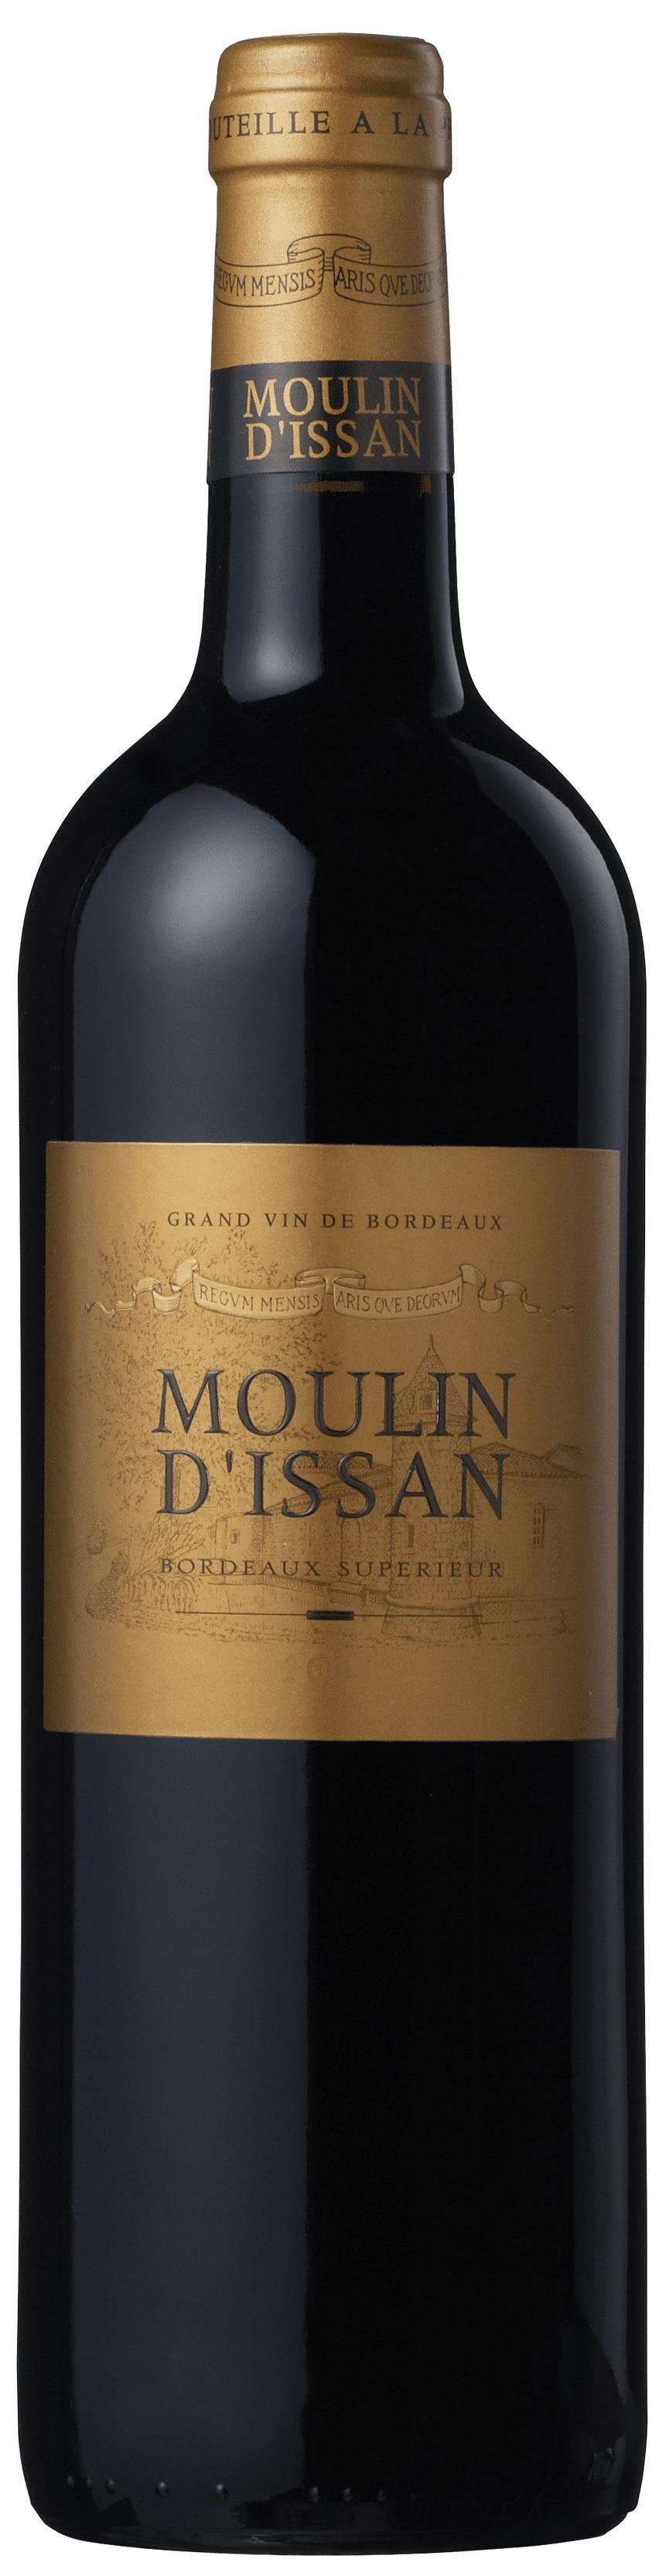 Moulin d'Issan Bordeaux Superieur 2015